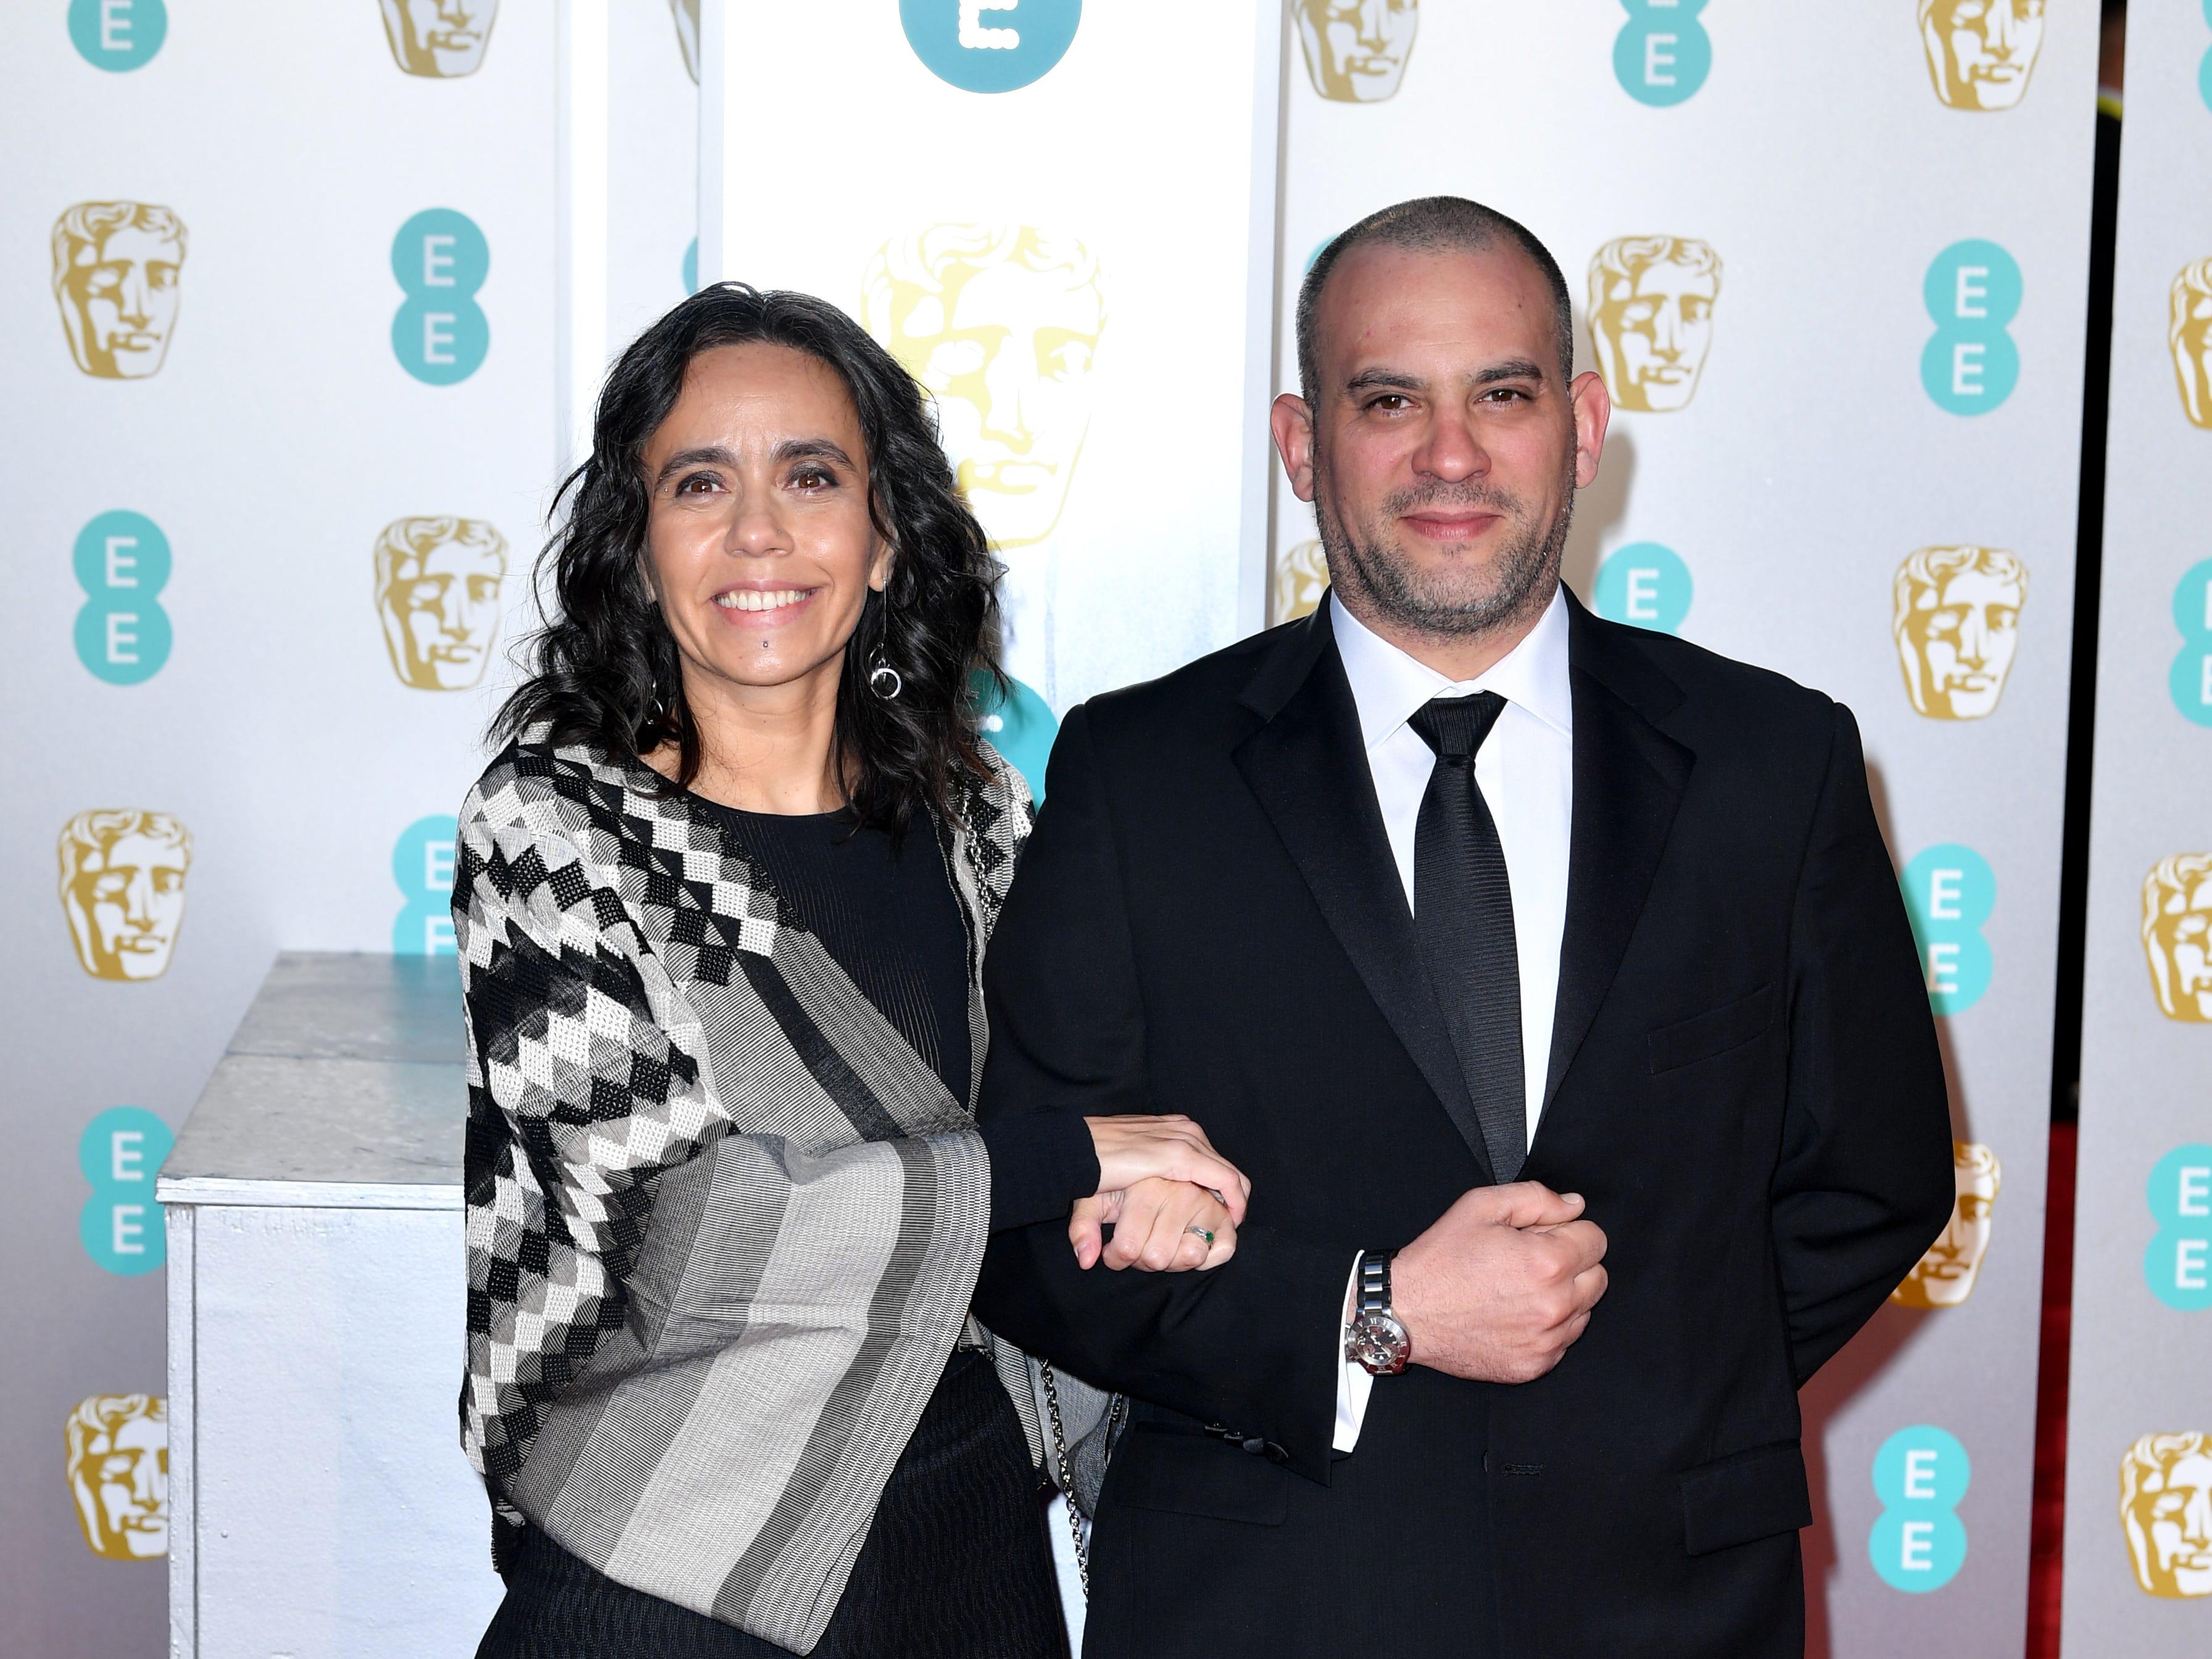 Barbara Enriquez (izqr) a su llegada a la alfombra roja de los Premios de la Academia Británica de Cine BAFTA en el Royal Albert Hall en Londres el 10 de febrero de 2019.